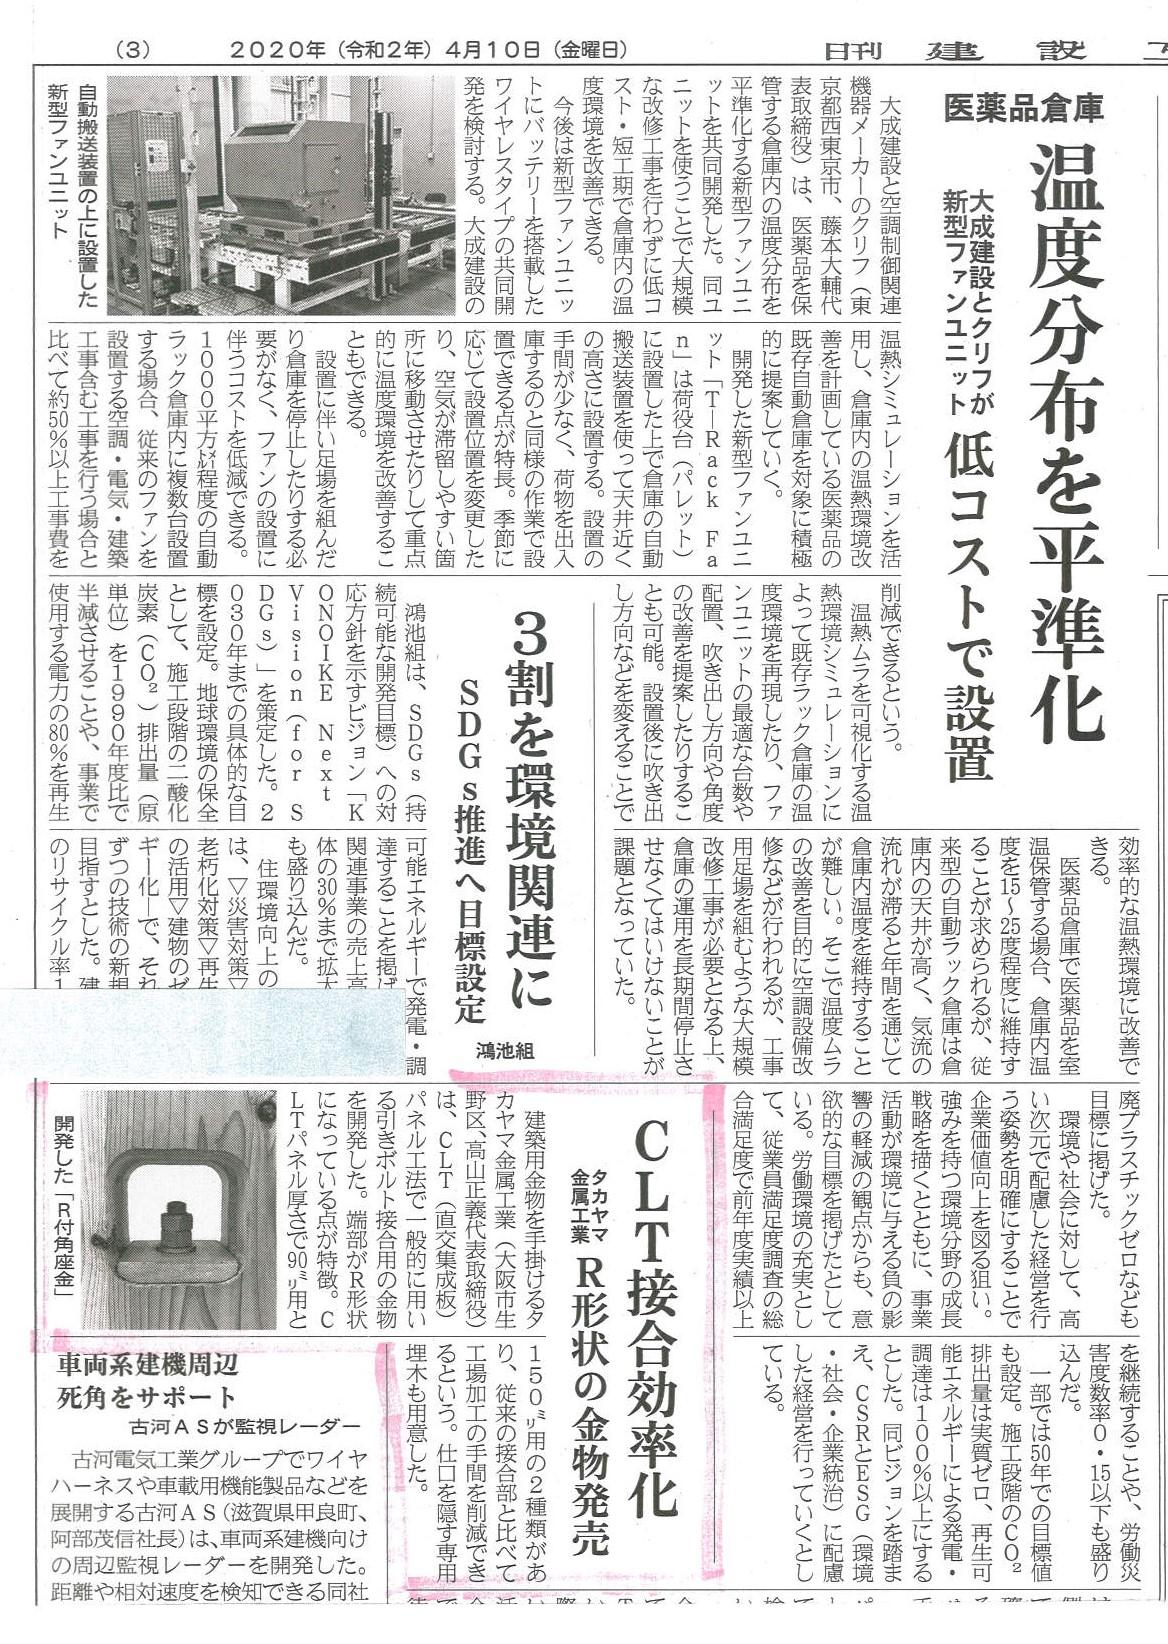 日刊建設工業新聞掲載記事【R付座金】 2020年4月10日